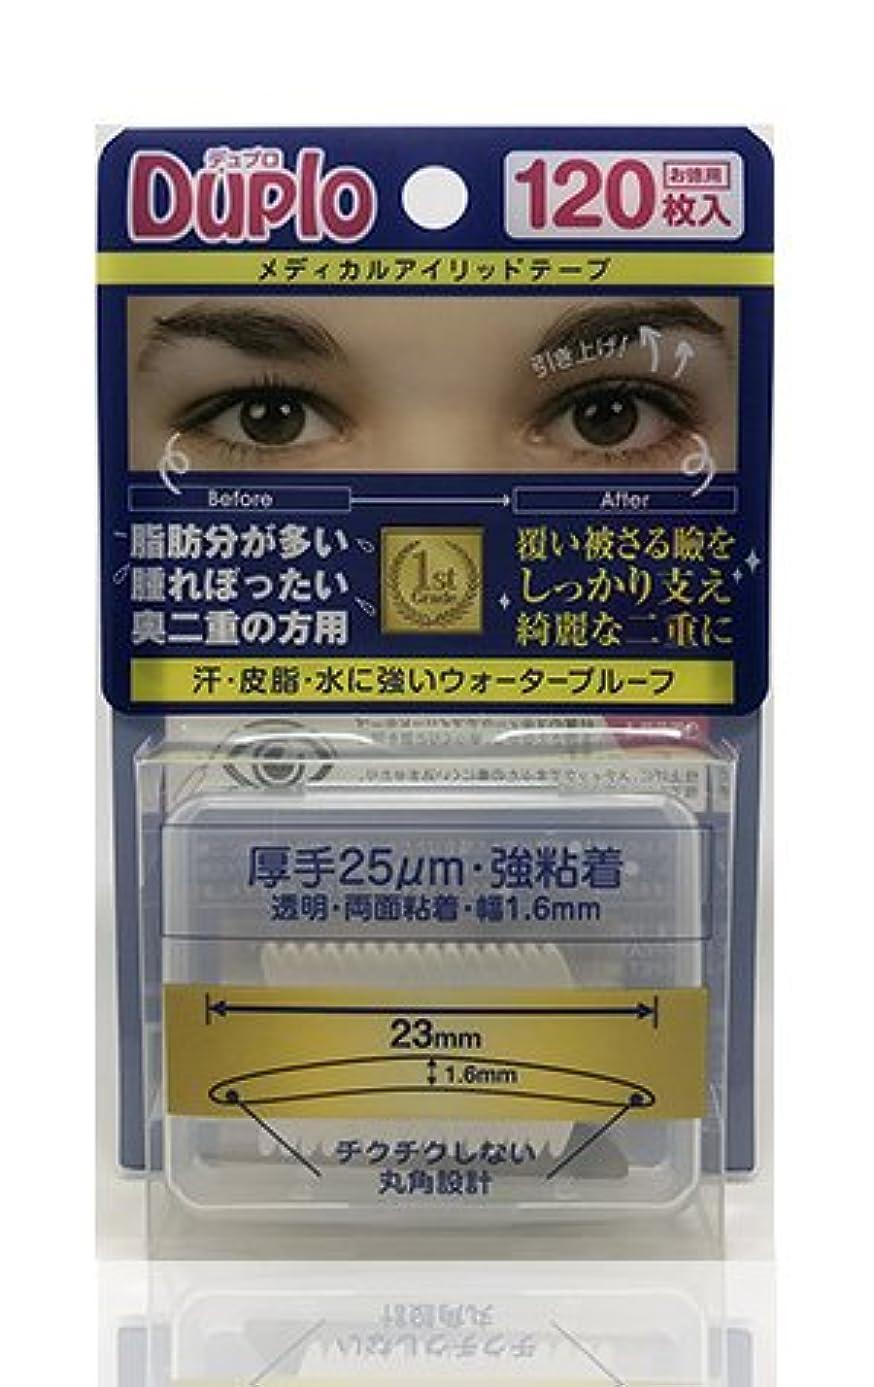 ふくろう警告ゴシップDuplo デュプロ メディカルアイリッドテープ 厚手 25μm 強粘着 (眼瞼下垂防止用テープ) 透明?両面 120枚入